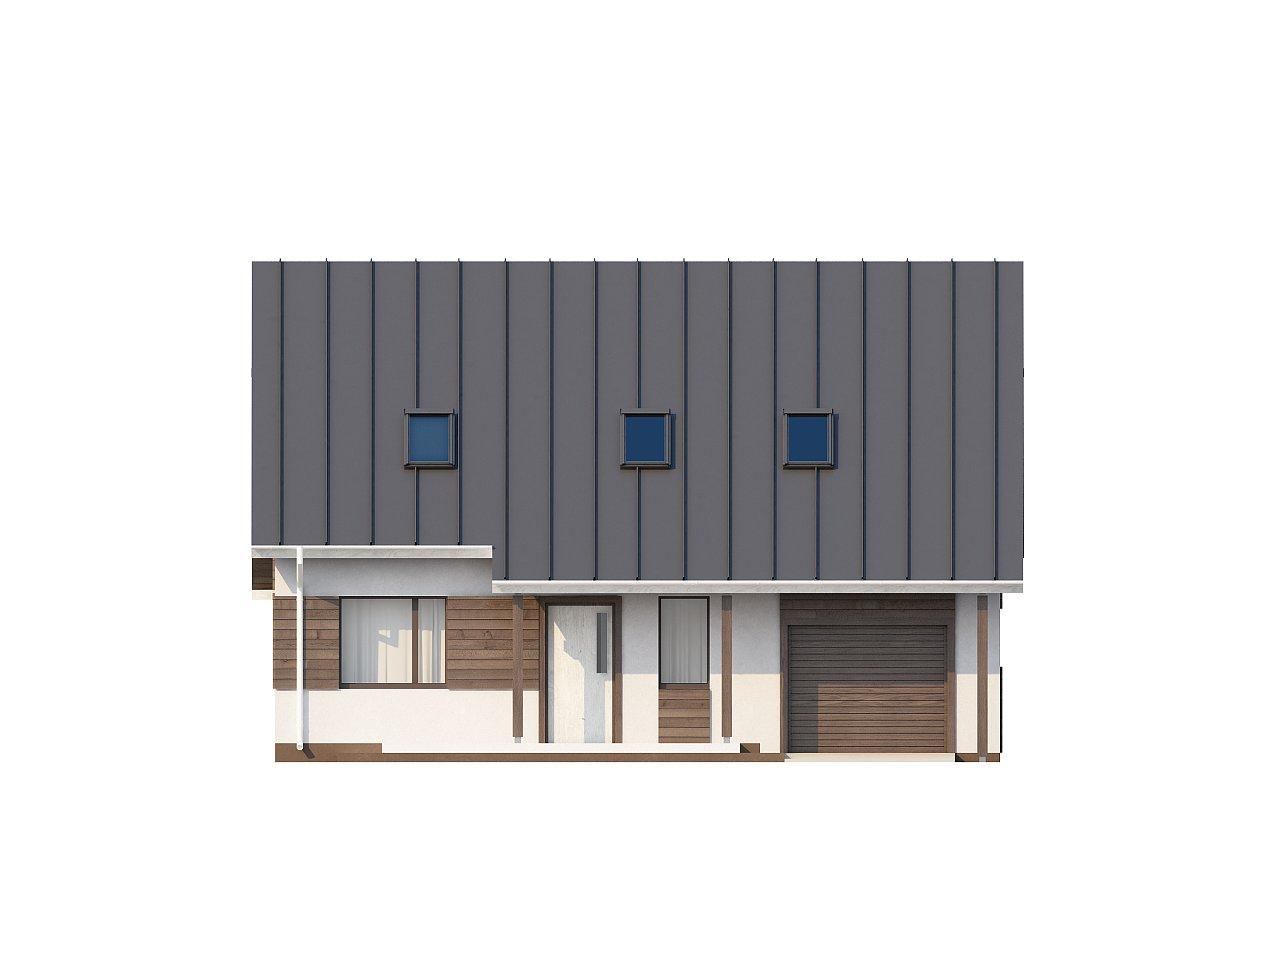 Практичный аккуратный дом с мансардой, со встроенным гаражом для одной машины. - фото 25